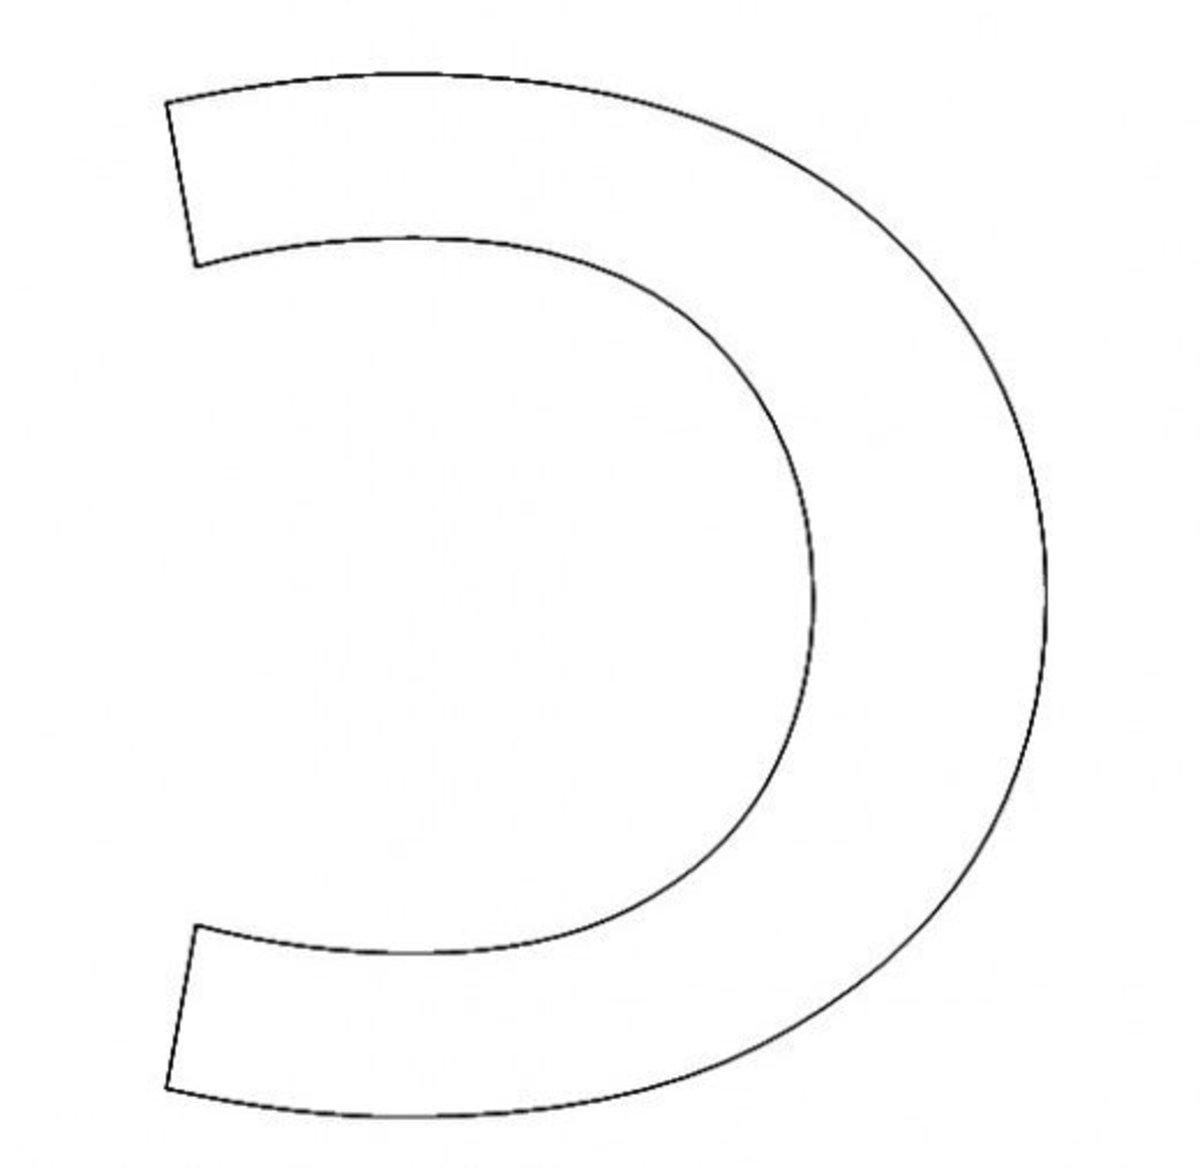 Hebrew Letter Kaf Coloring Page - דף צביעה אוֹת כף